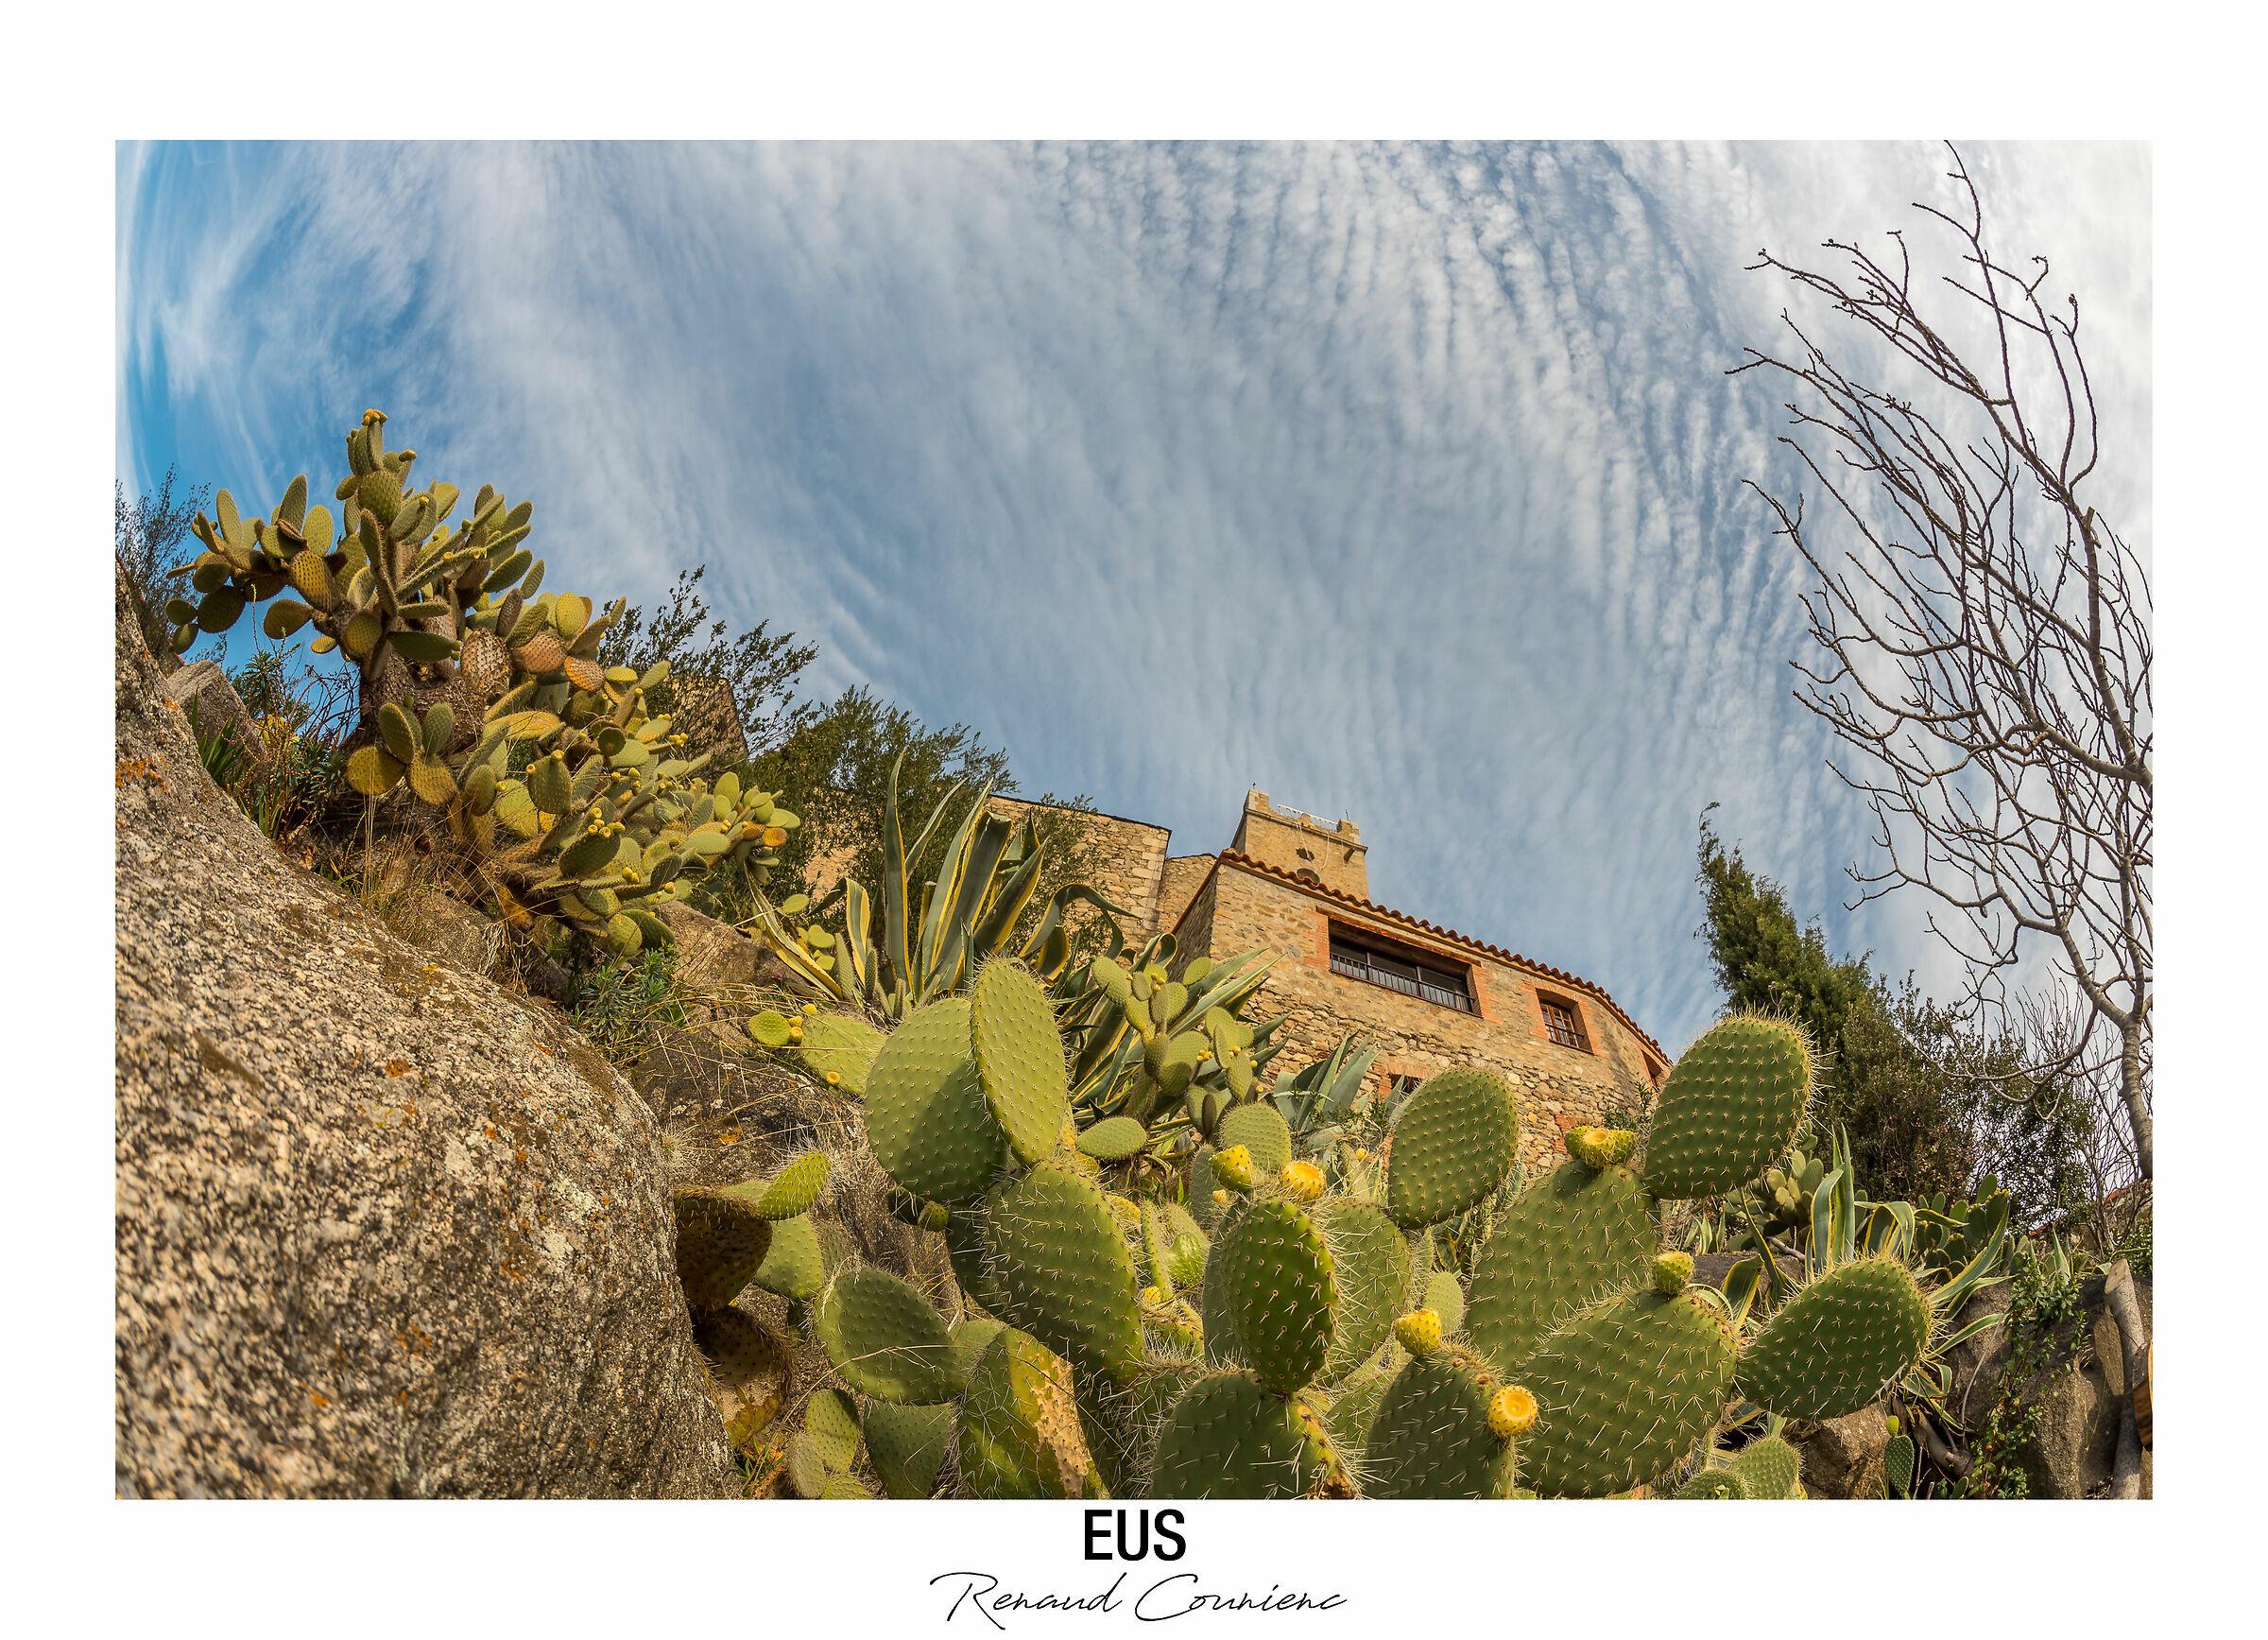 EUS, villaggio nel nord della Catalogna...